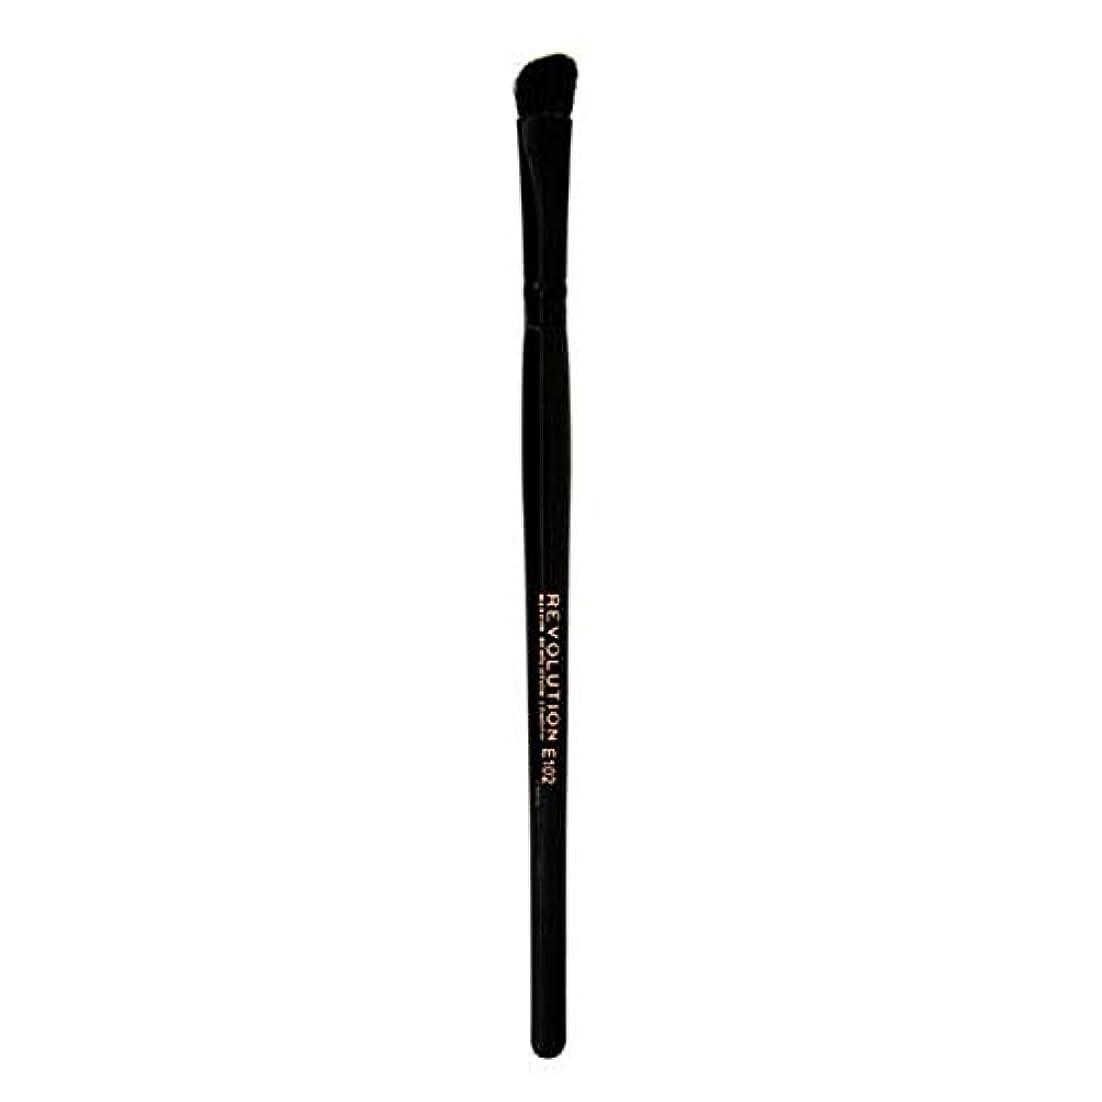 セミナー掃除タービン[Revolution ] 革命プロE102アイシャドウの輪郭メイクブラシ - Revolution Pro E102 Eyeshadow Contour Makeup Brush [並行輸入品]